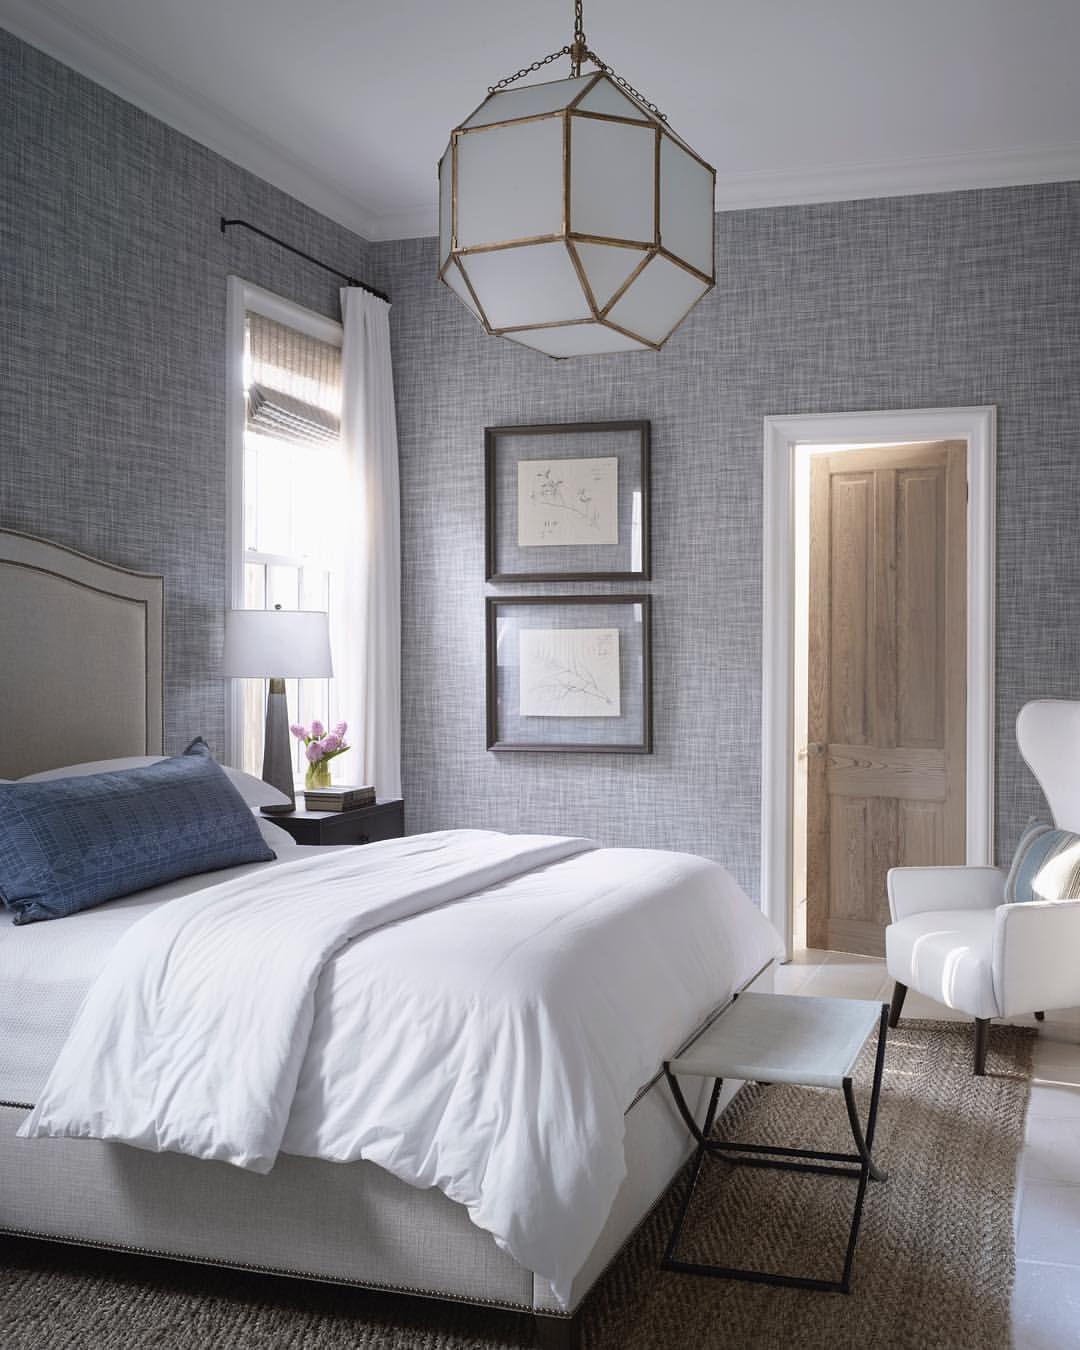 Full Size of Schlafzimmer Landhaus Rauch Deckenleuchten Regal Stuhl Loddenkemper Betten Weiss Für Deckenleuchte Modern Deckenlampe Wohnzimmer Ausgefallene Schlafzimmer